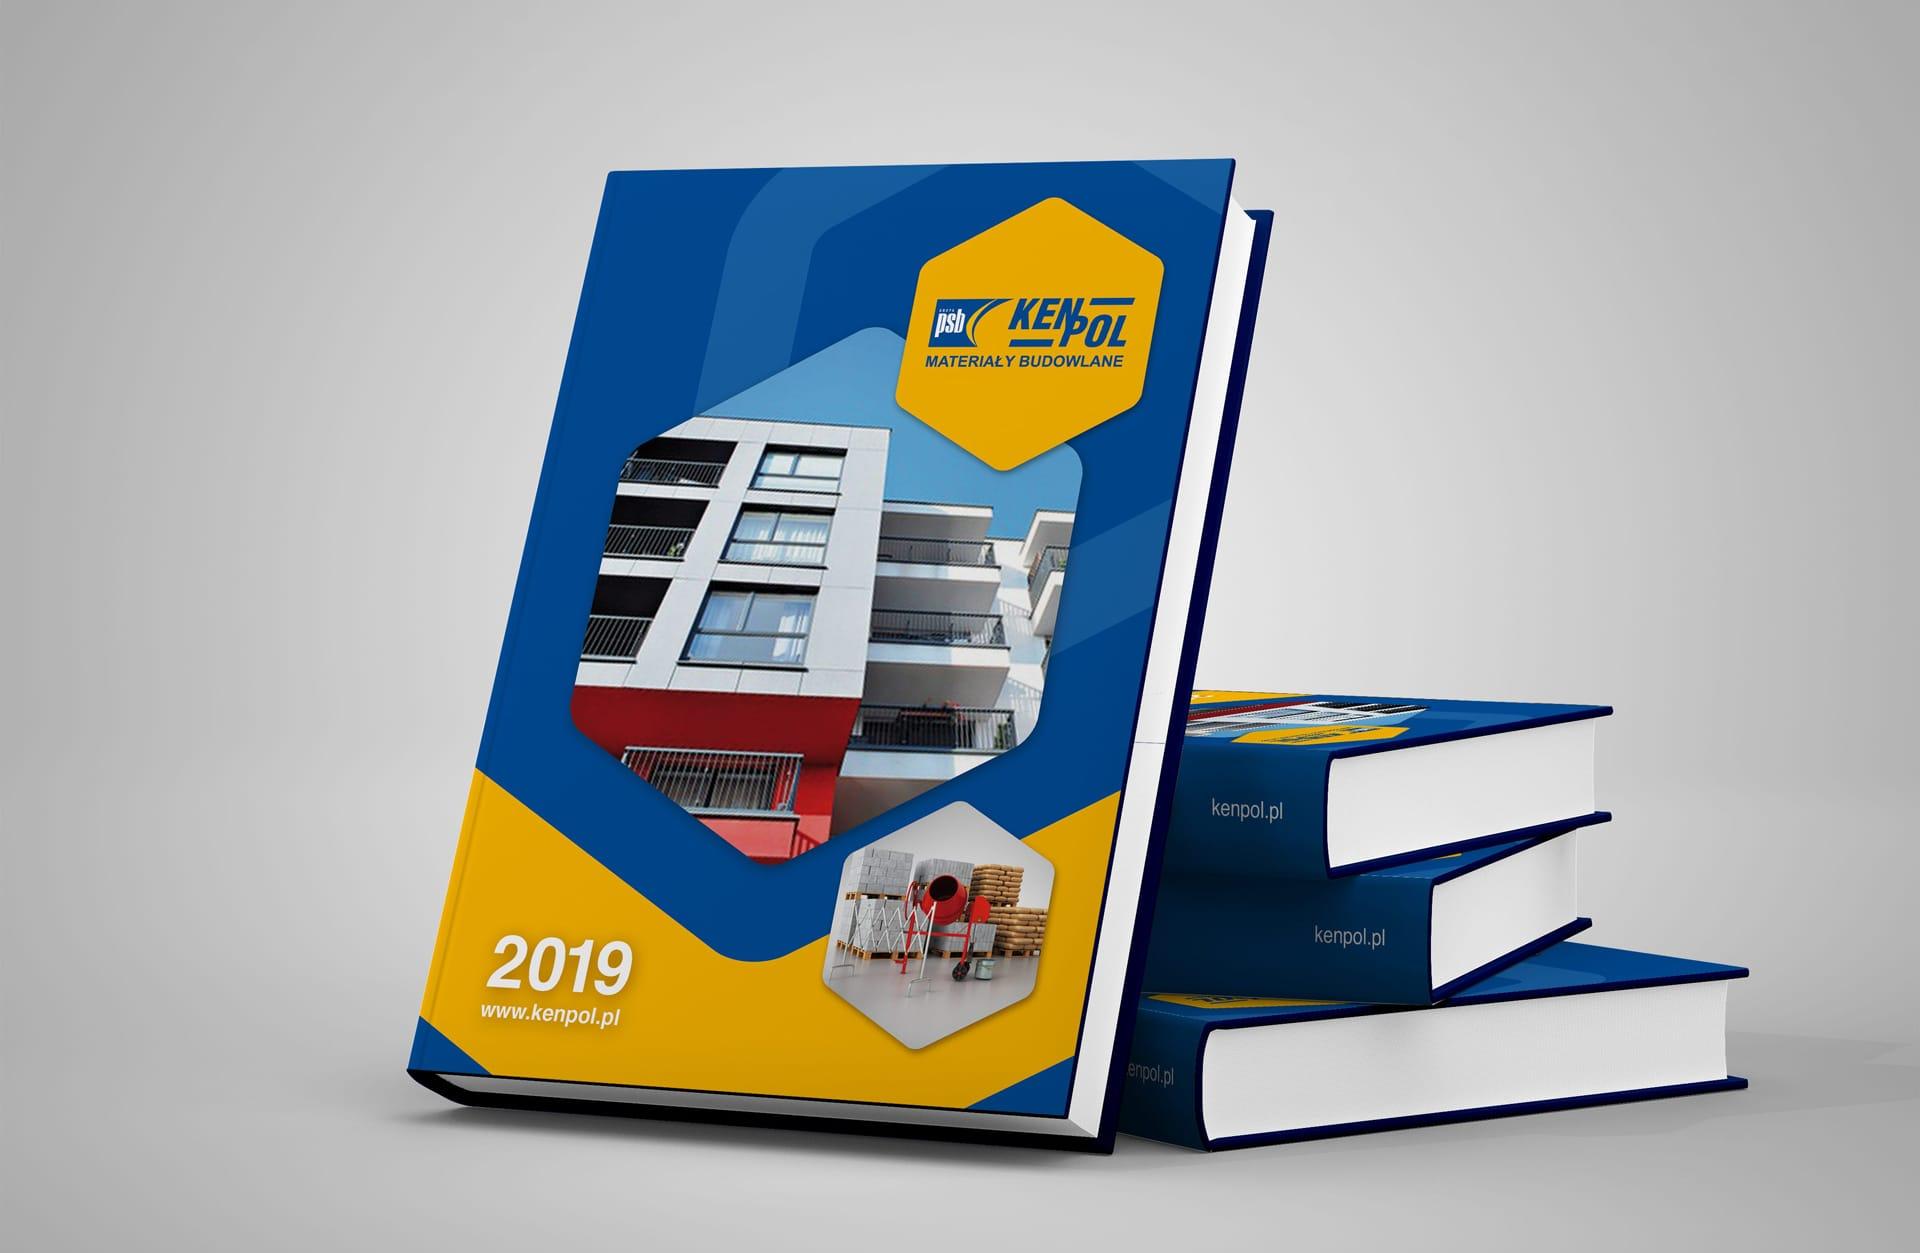 Kenpol kalendarz ksiazkowy 2019 Agencja brandingowa Moweli Creative projektowanie logo kalendarzy ksiegi znaku Dabrowa Gornicza Krakow Warszawa